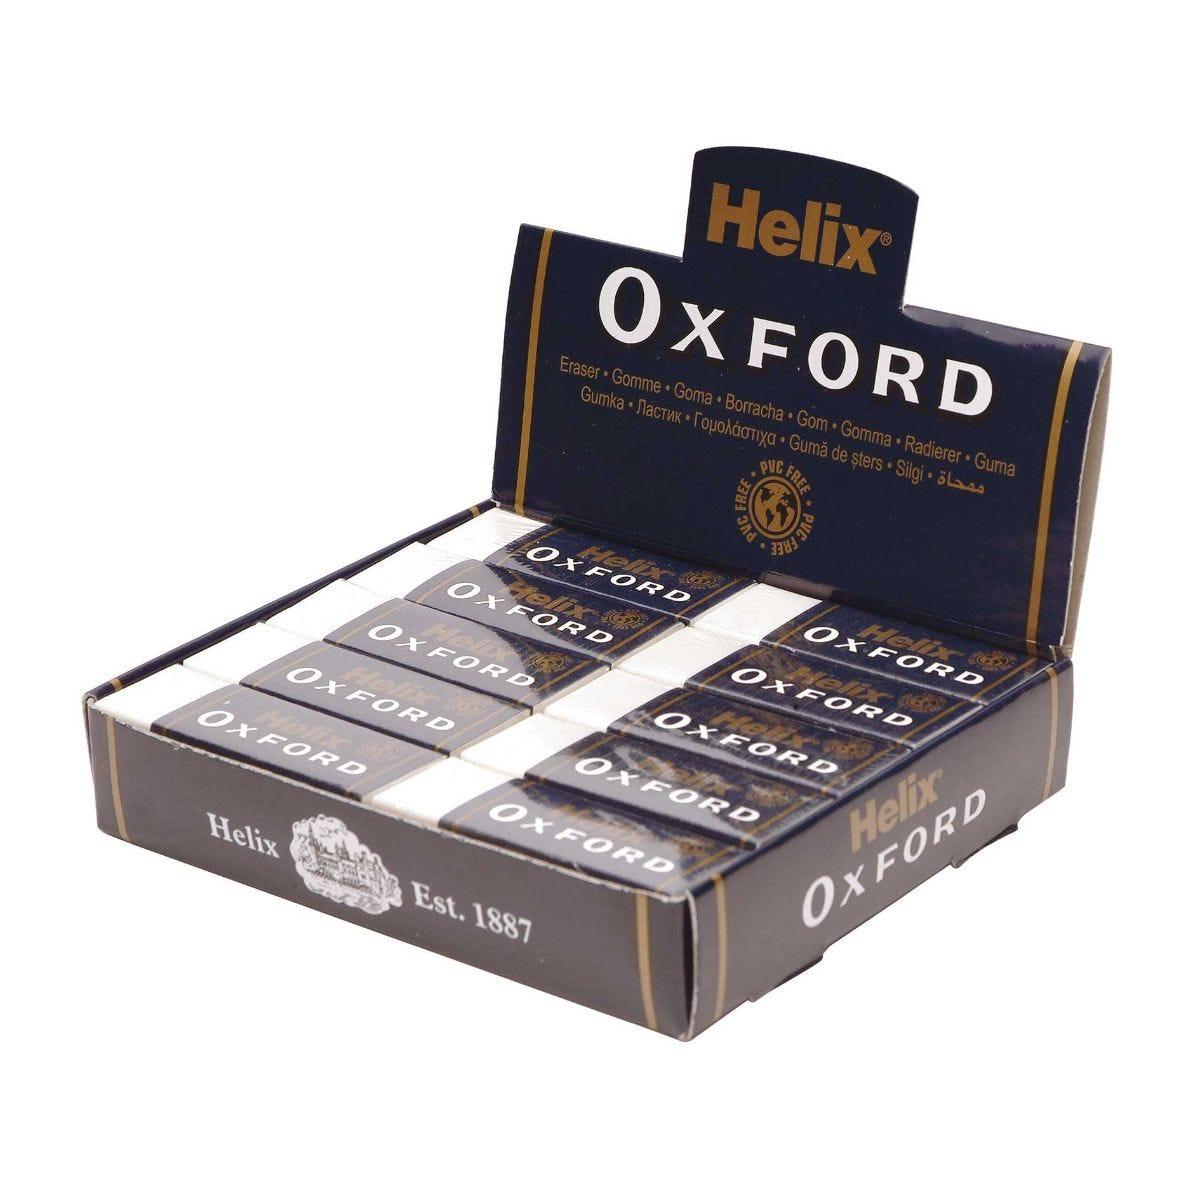 Helix Oxford Large Sleeved Eraser Pack of 20.